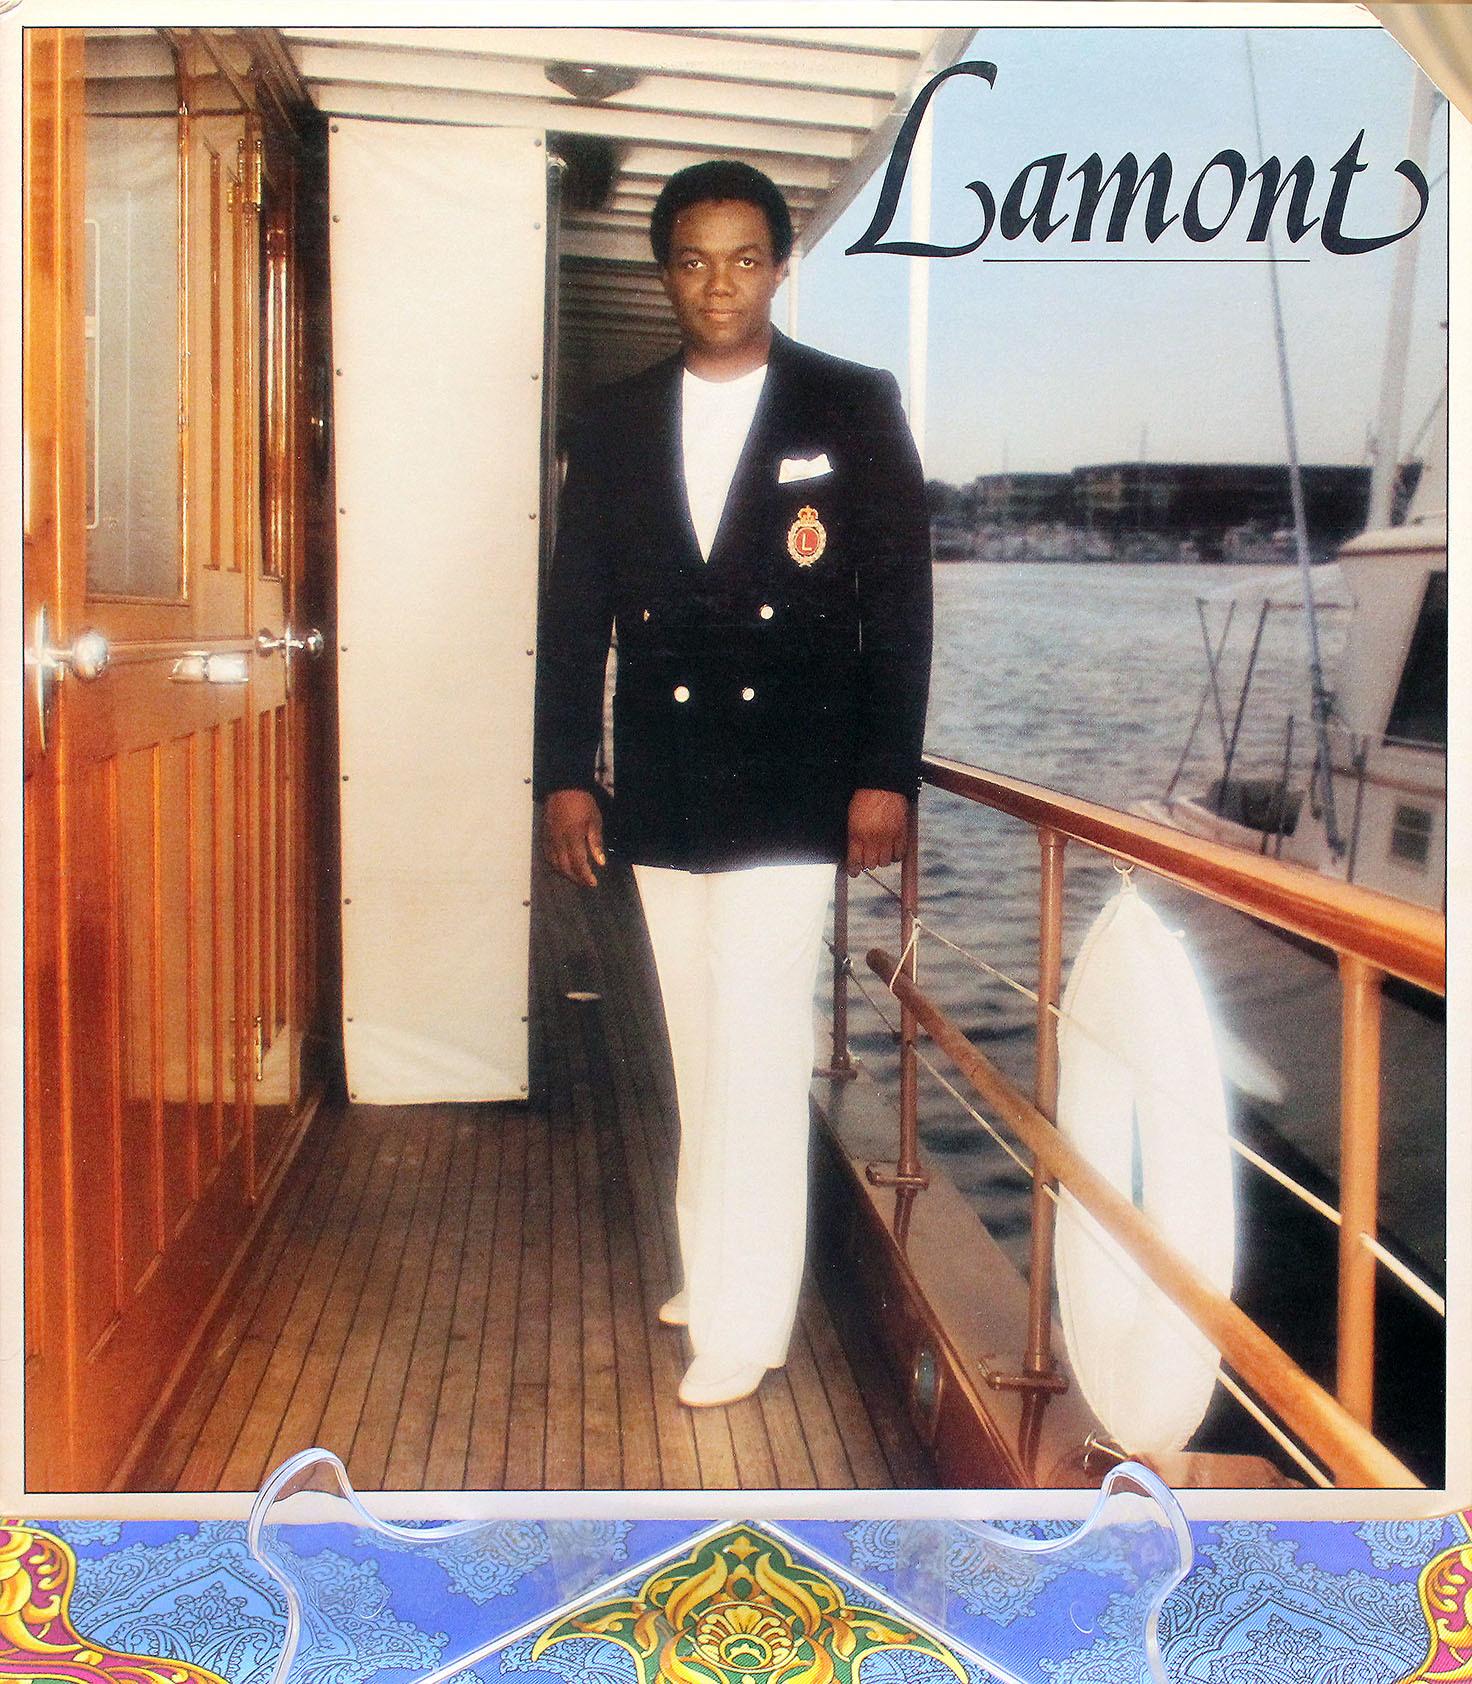 Lamont Dozier Lamont 01